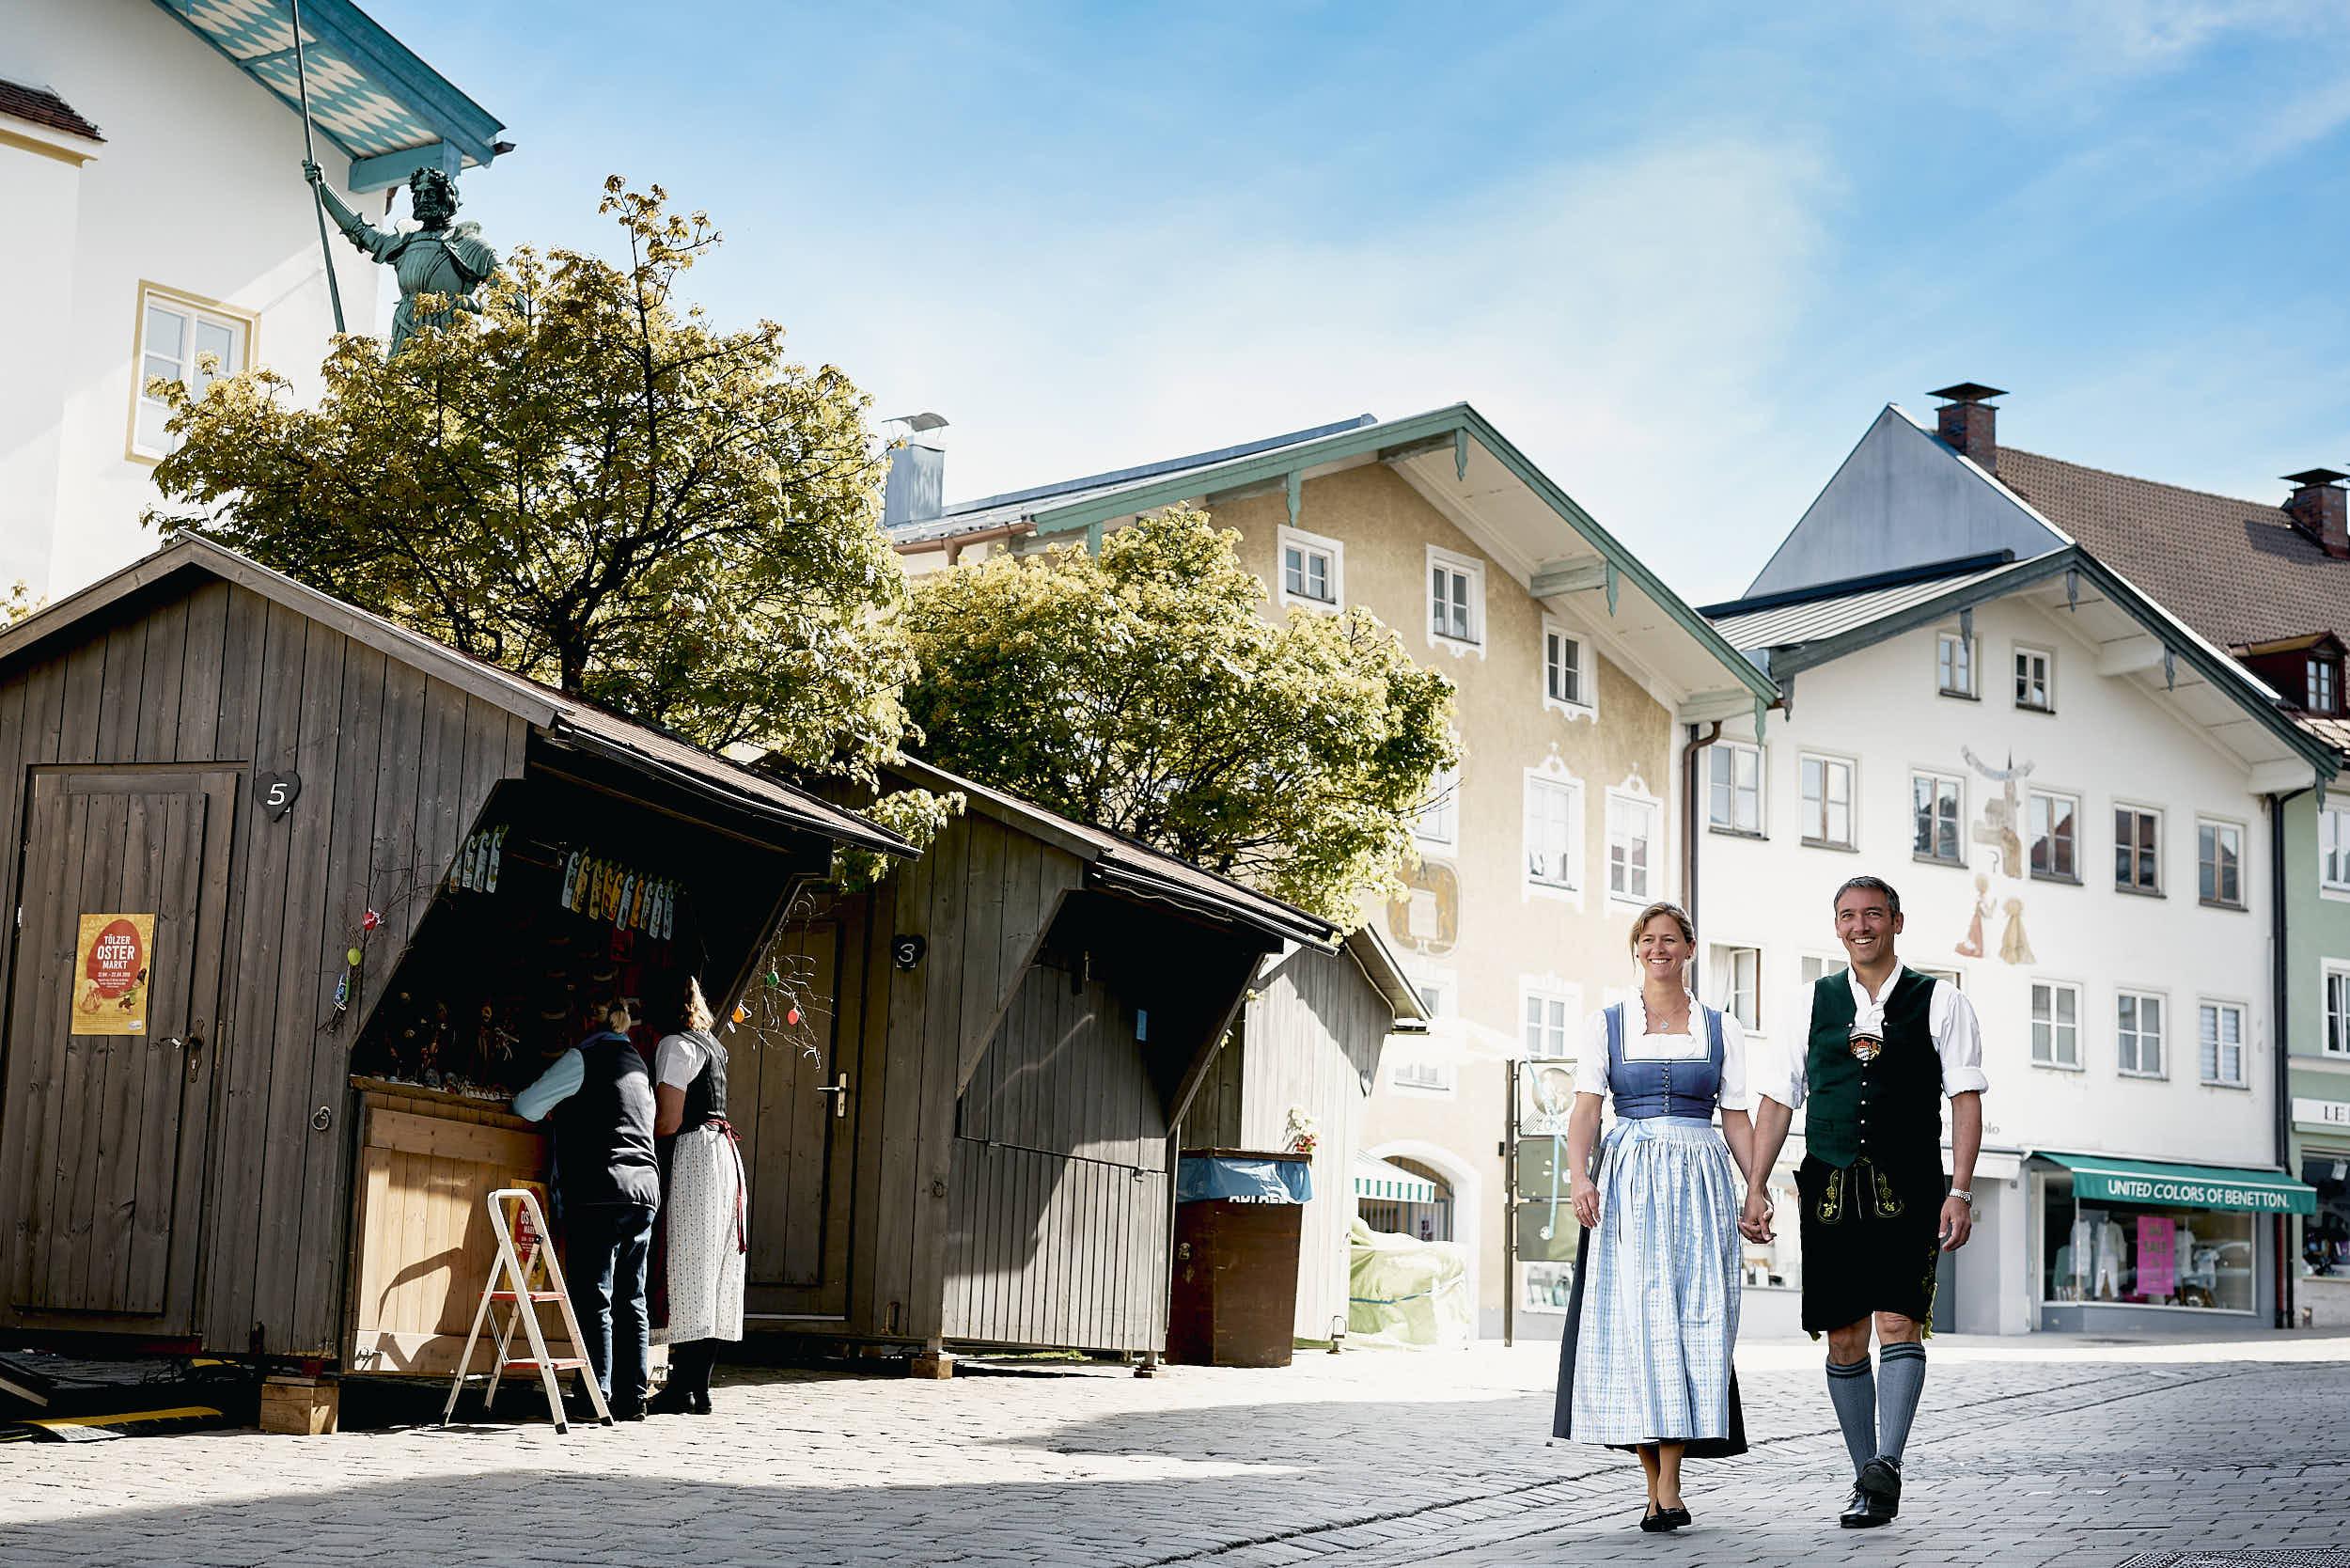 Ingo Mehner mit seiner Frau Stephanie. Beide wohnen mit Ihren Kindern in einem Reihenhaus in Bad Tölz.